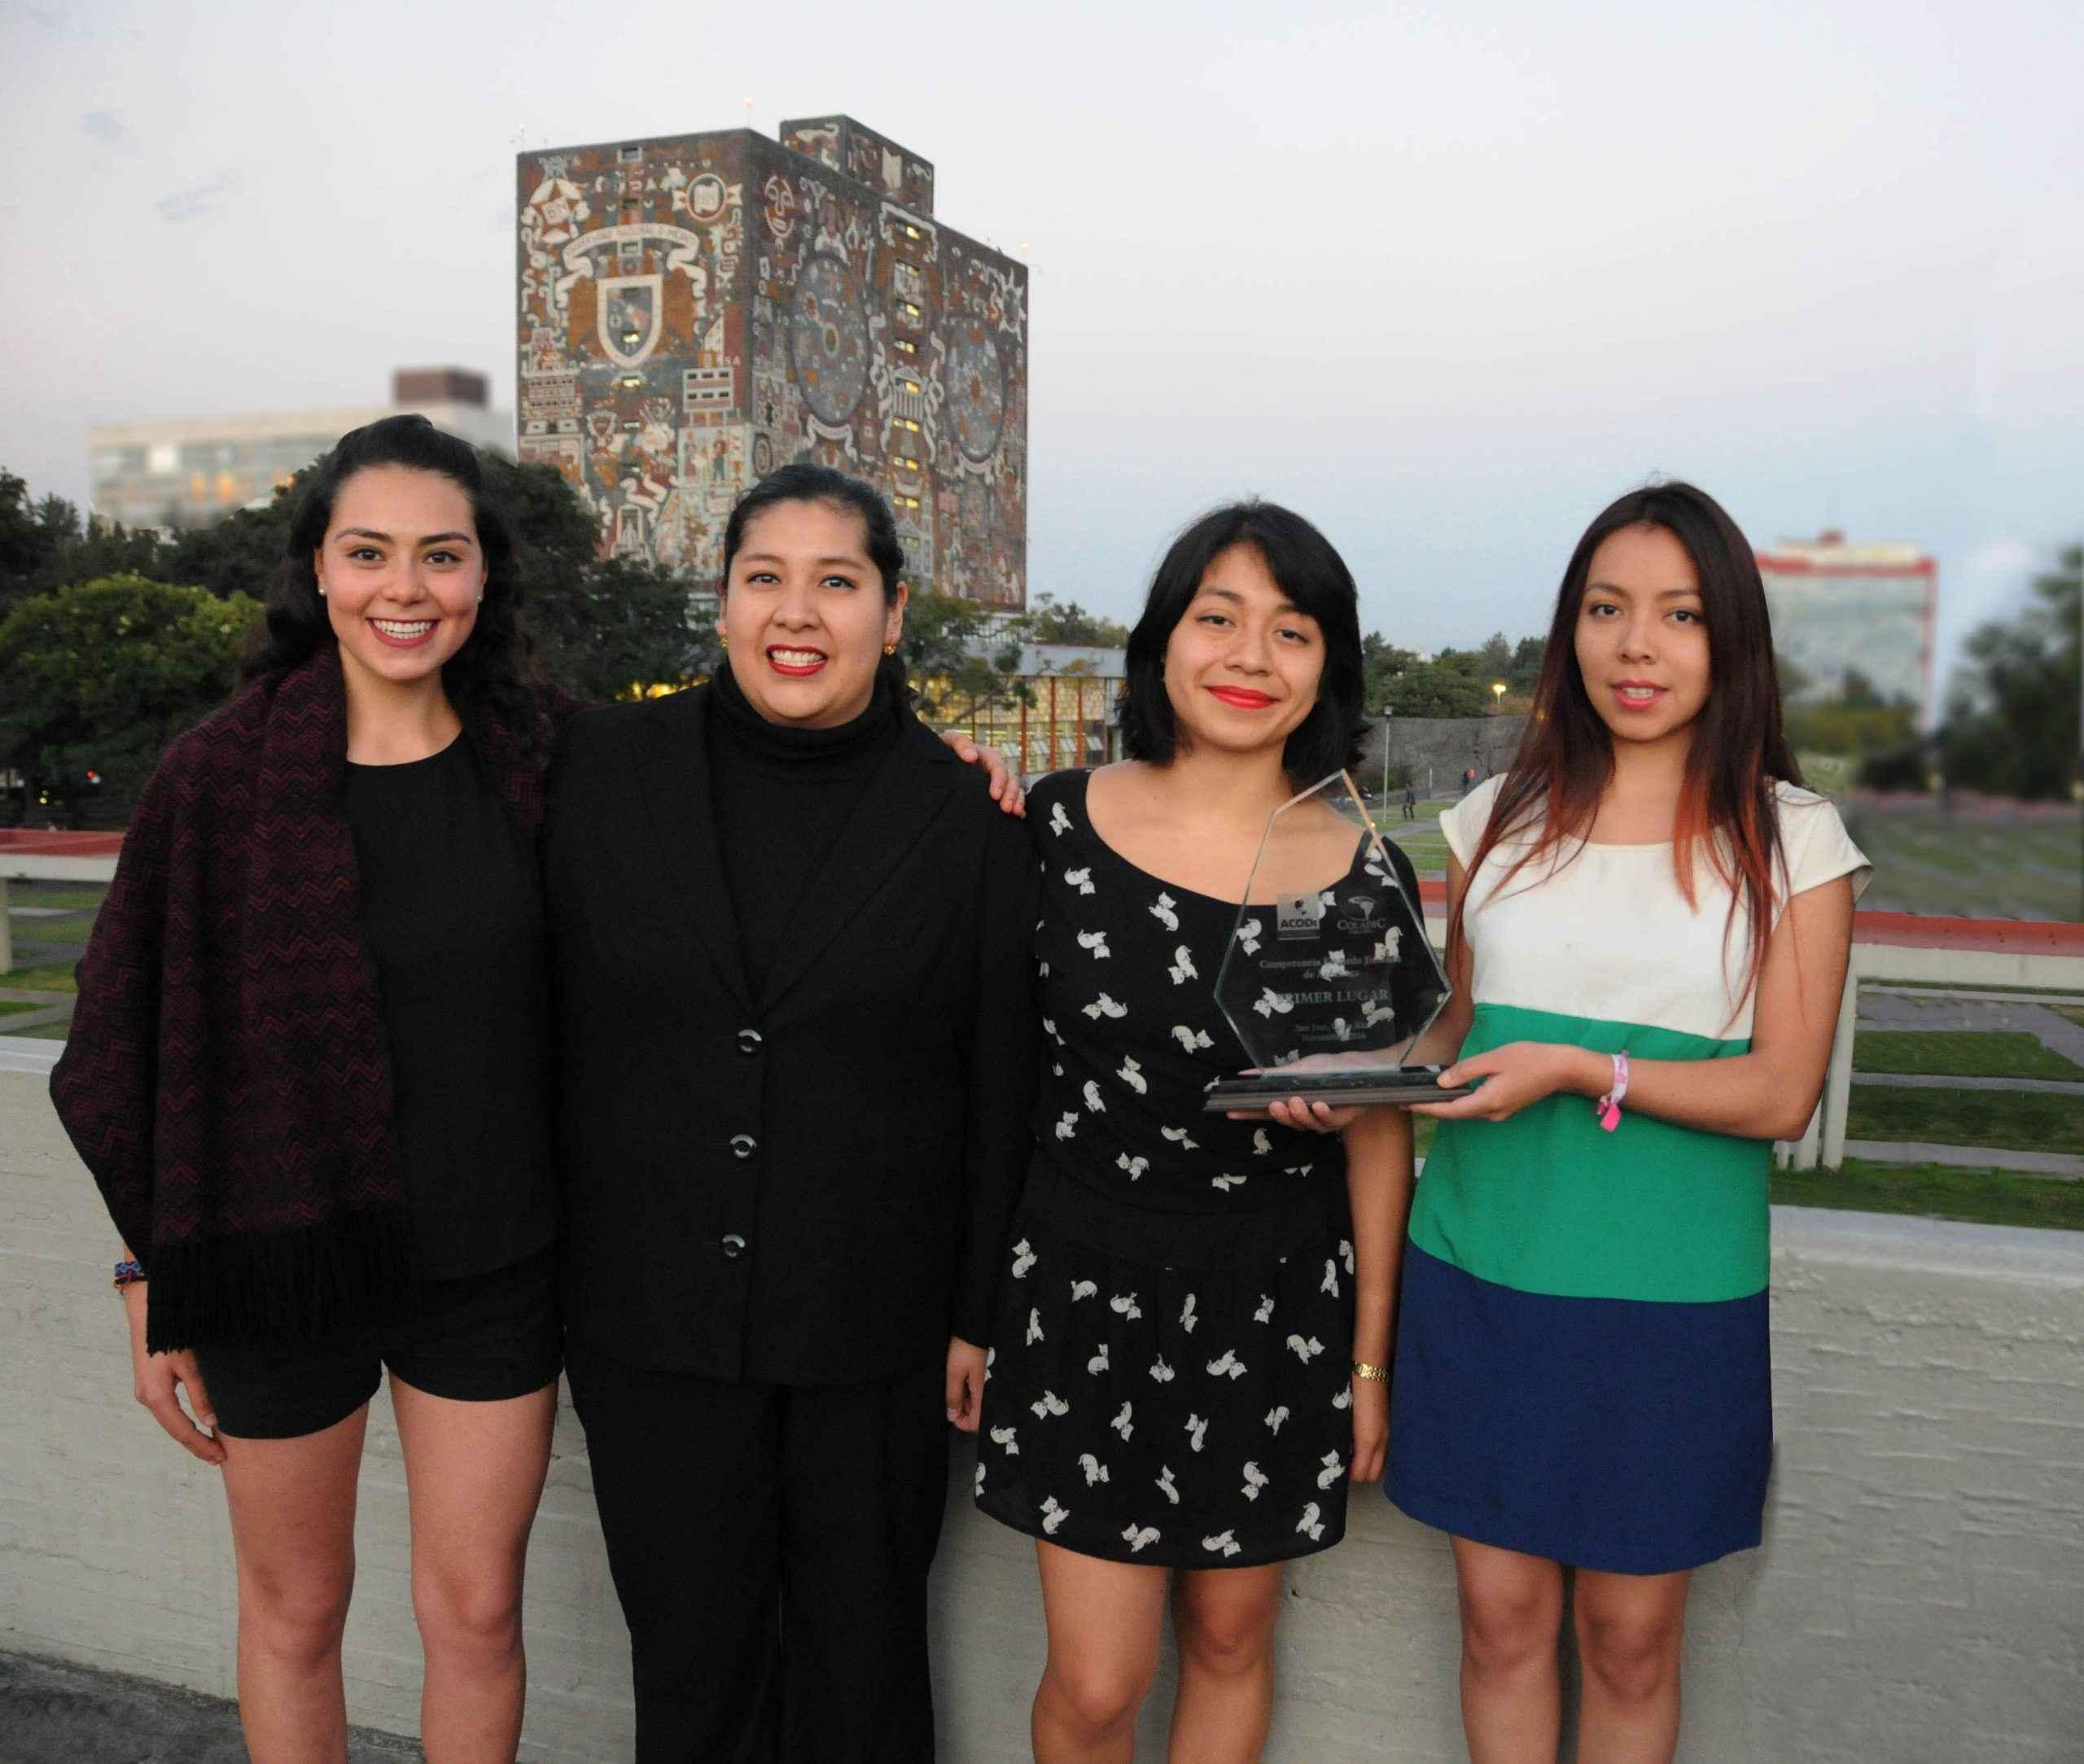 Alumnas UNAM ganan concurso internacional sobre Derechos Humanos